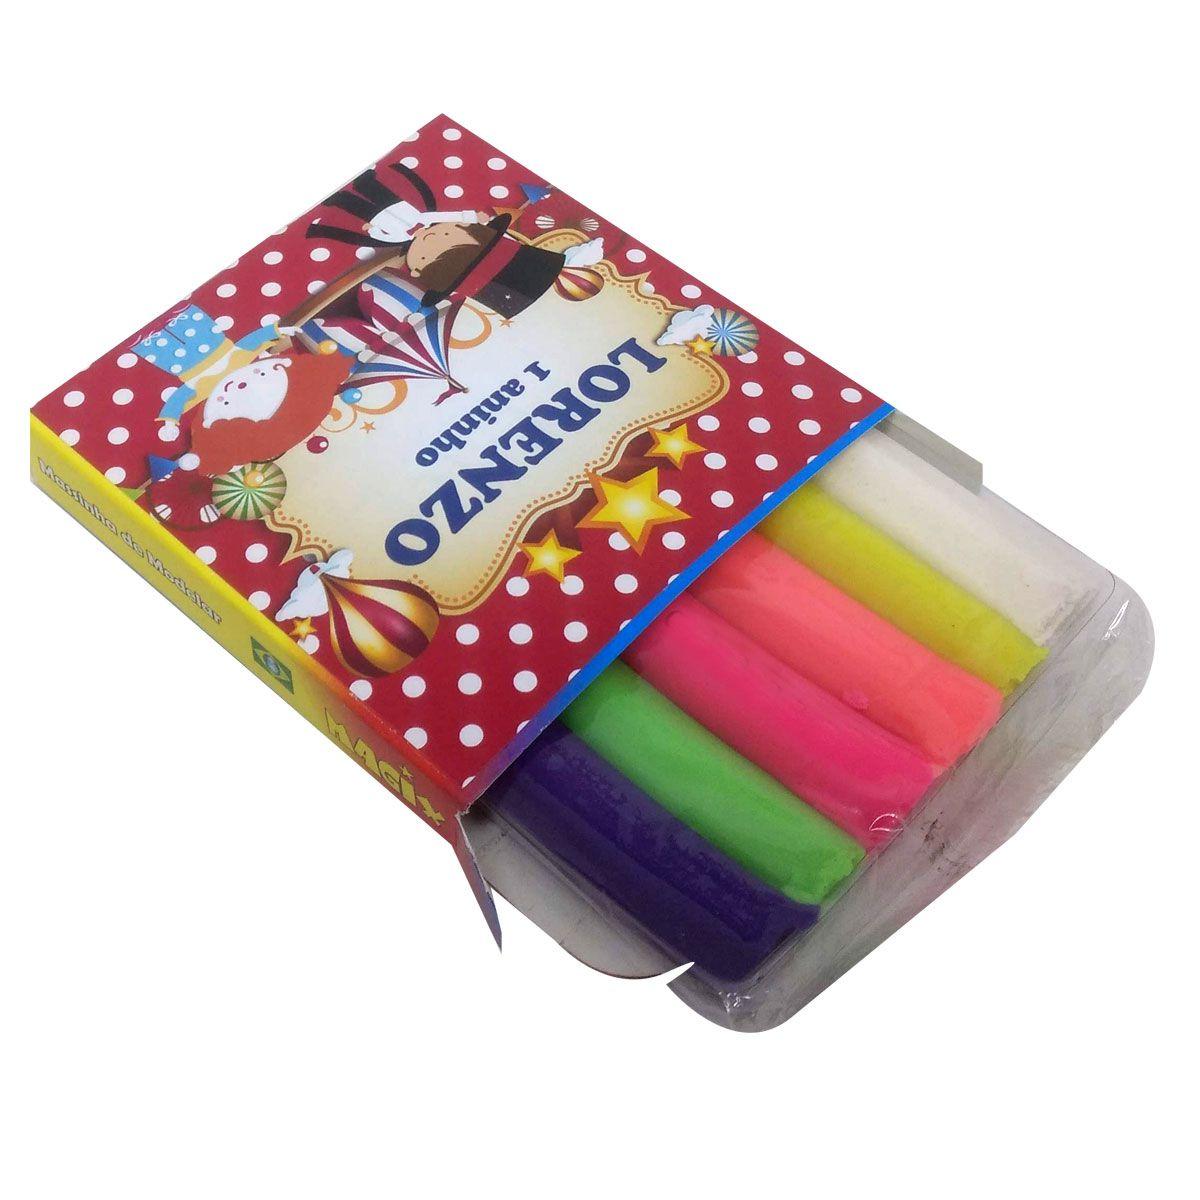 10x Caixa de Massinha Personalizada  - Pacote com 10 unidades